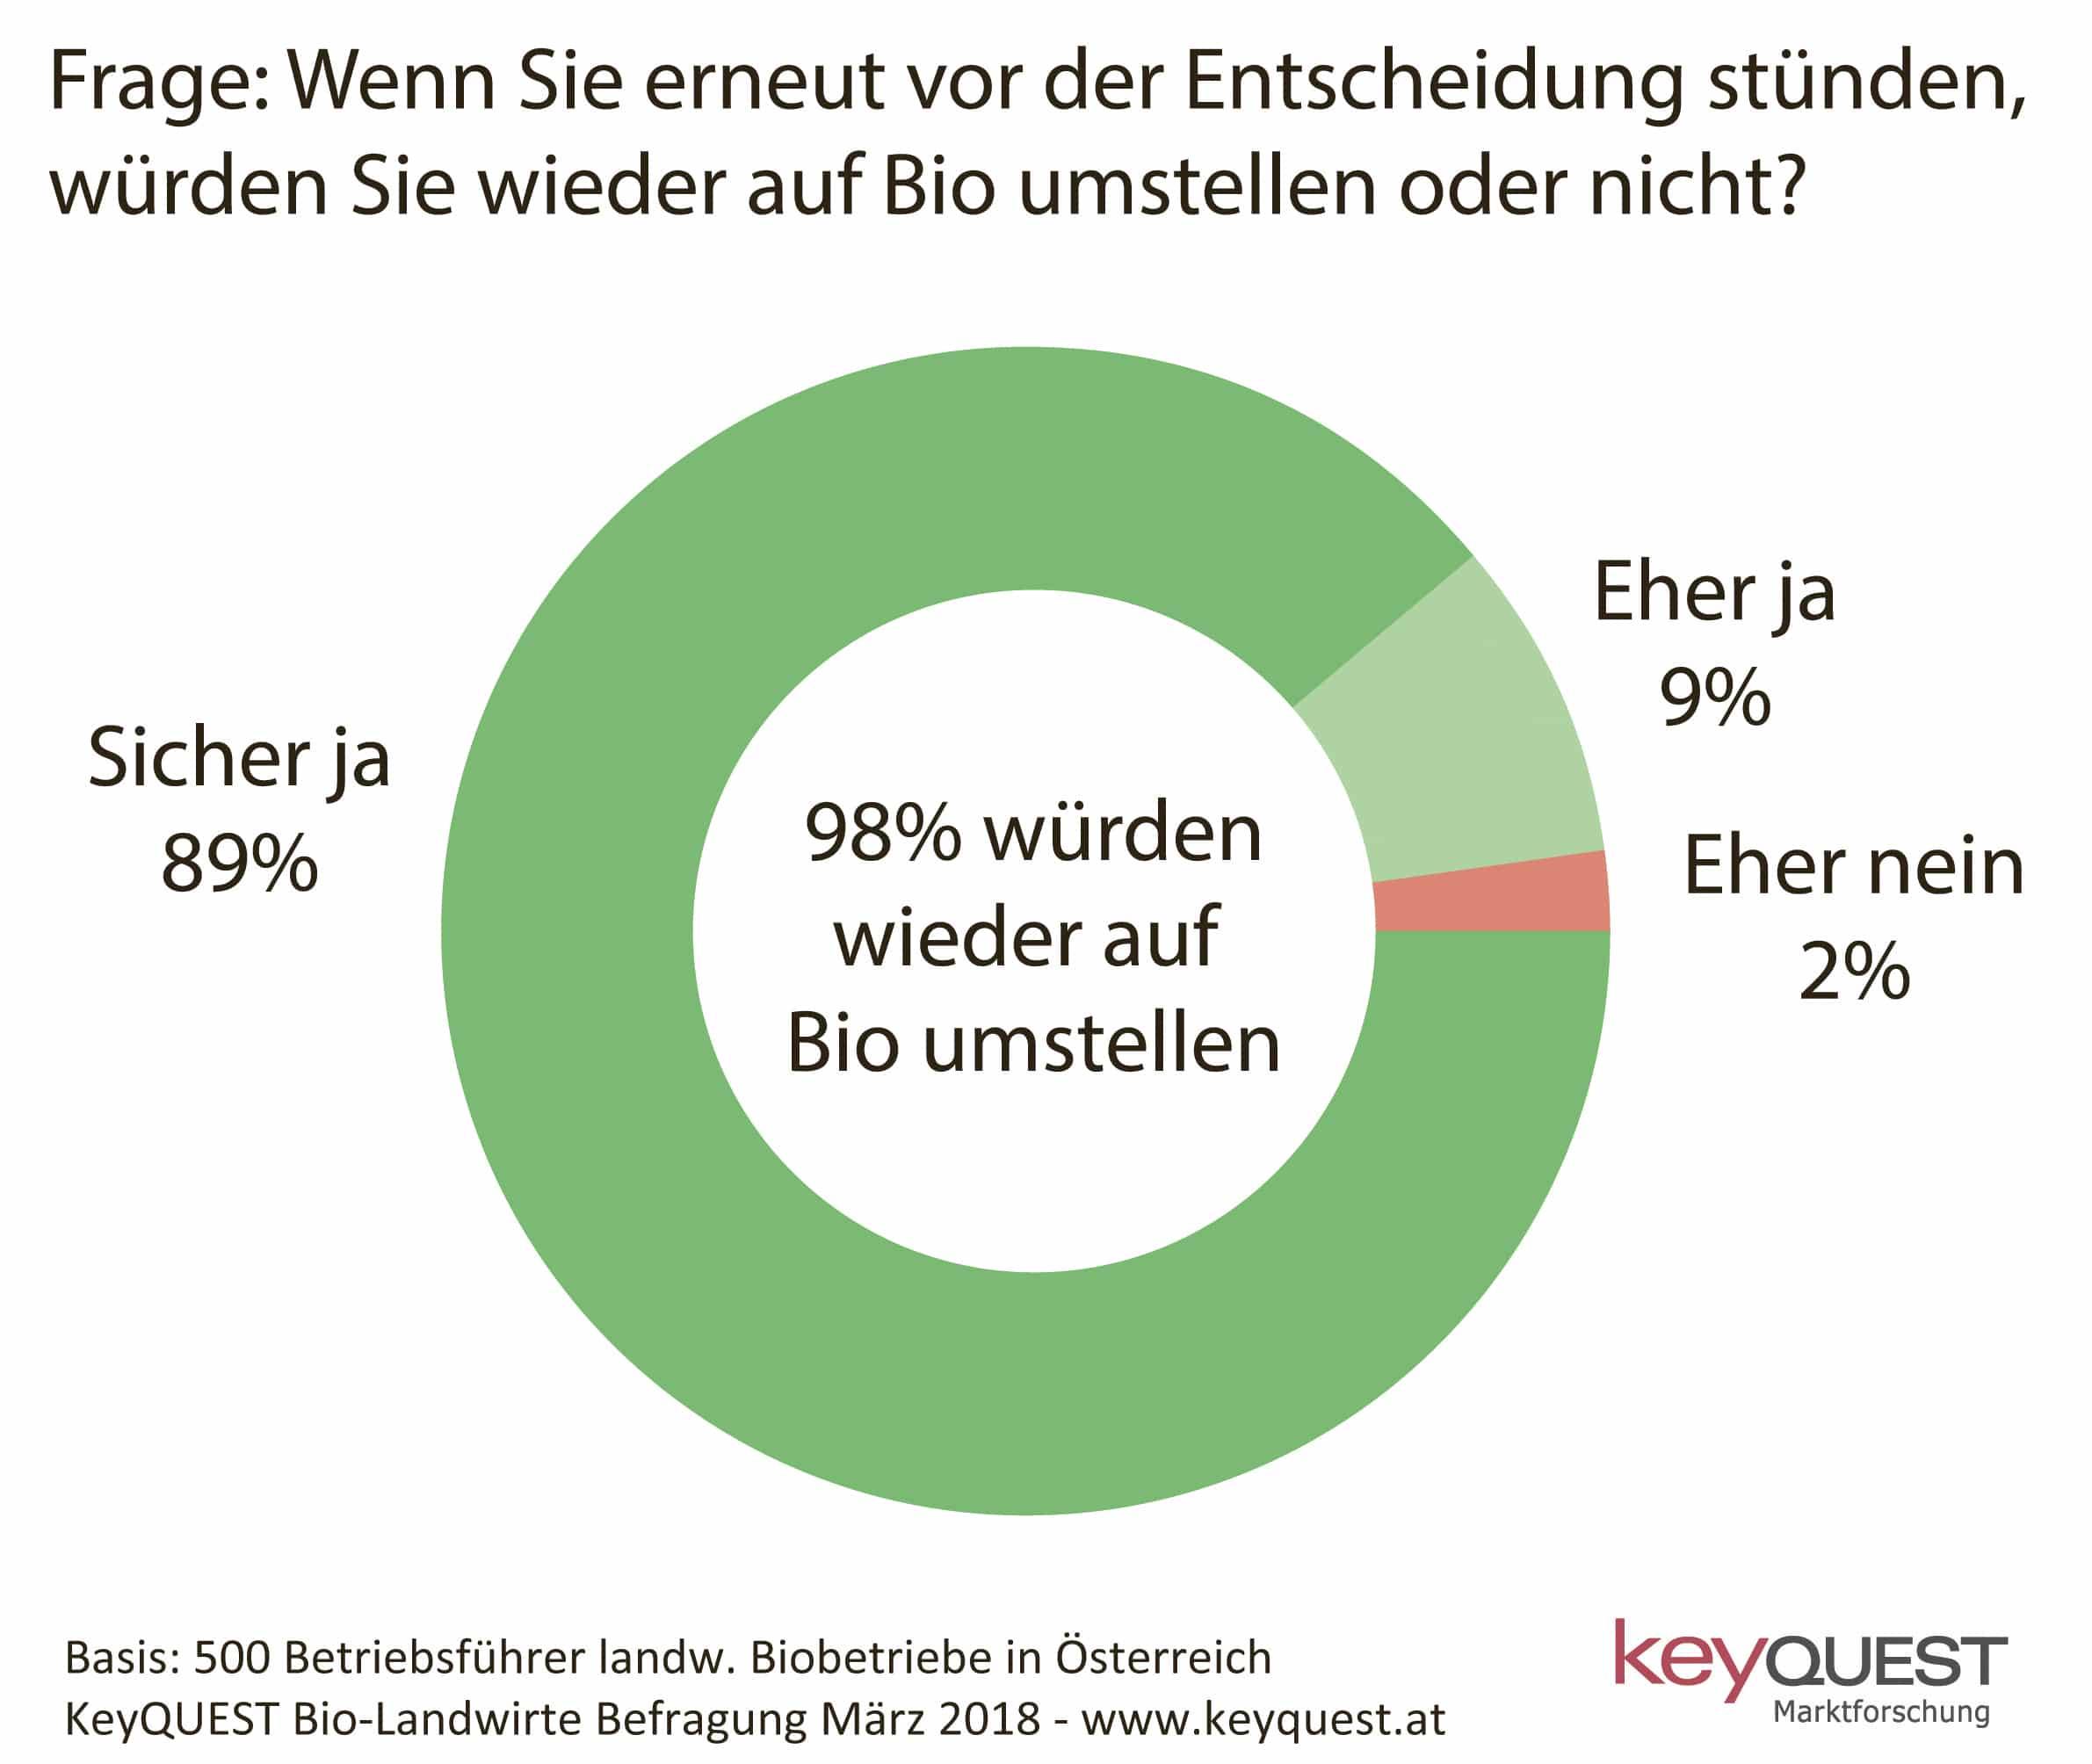 f593ca0132 98 % der Biolandwirte würden wieder auf Bio umstellen - Bauernzeitung